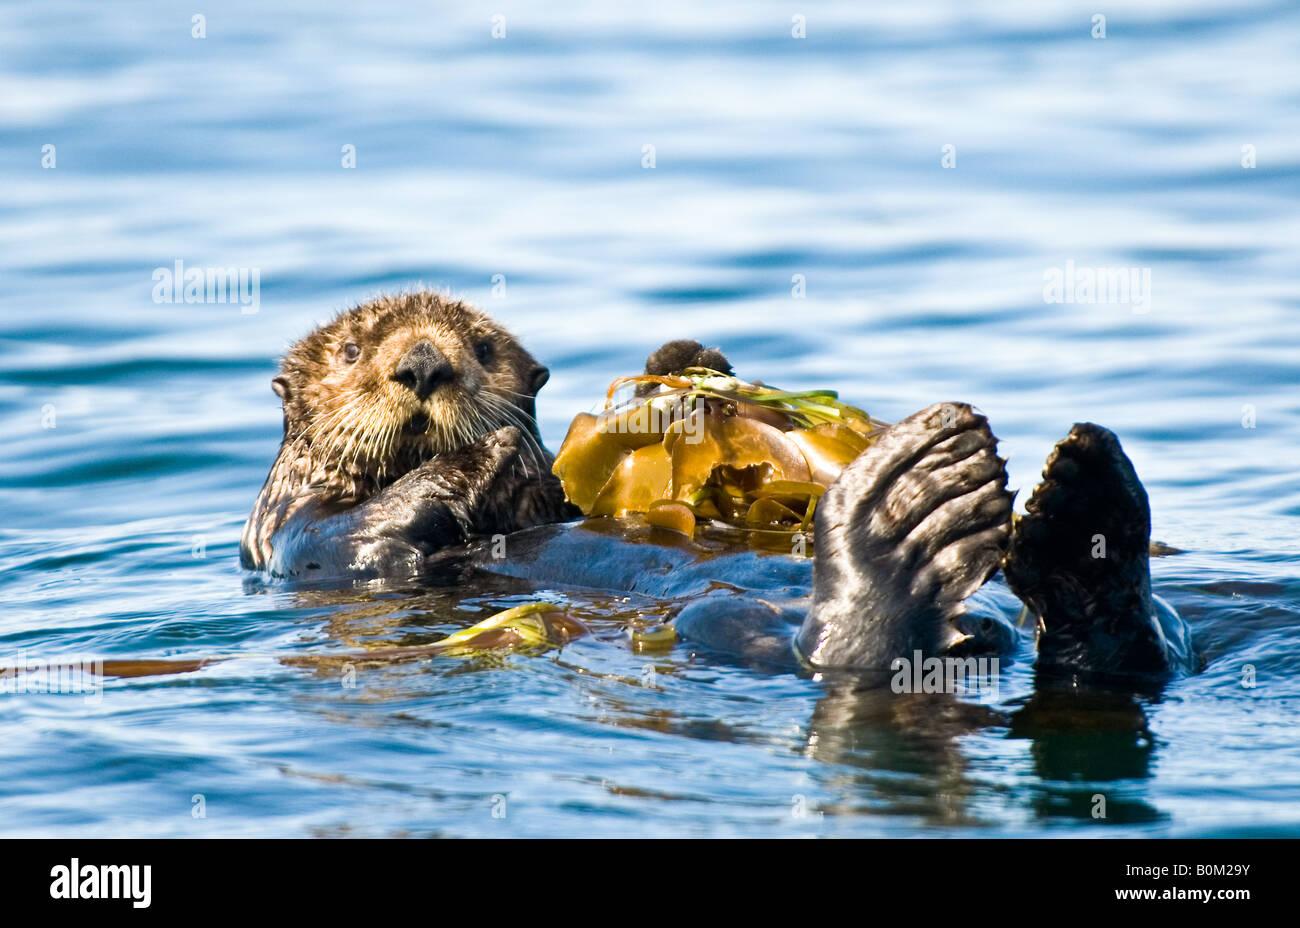 USA Alaska Sea Otter ruht auf Seetang Bett im Ozean Stockbild